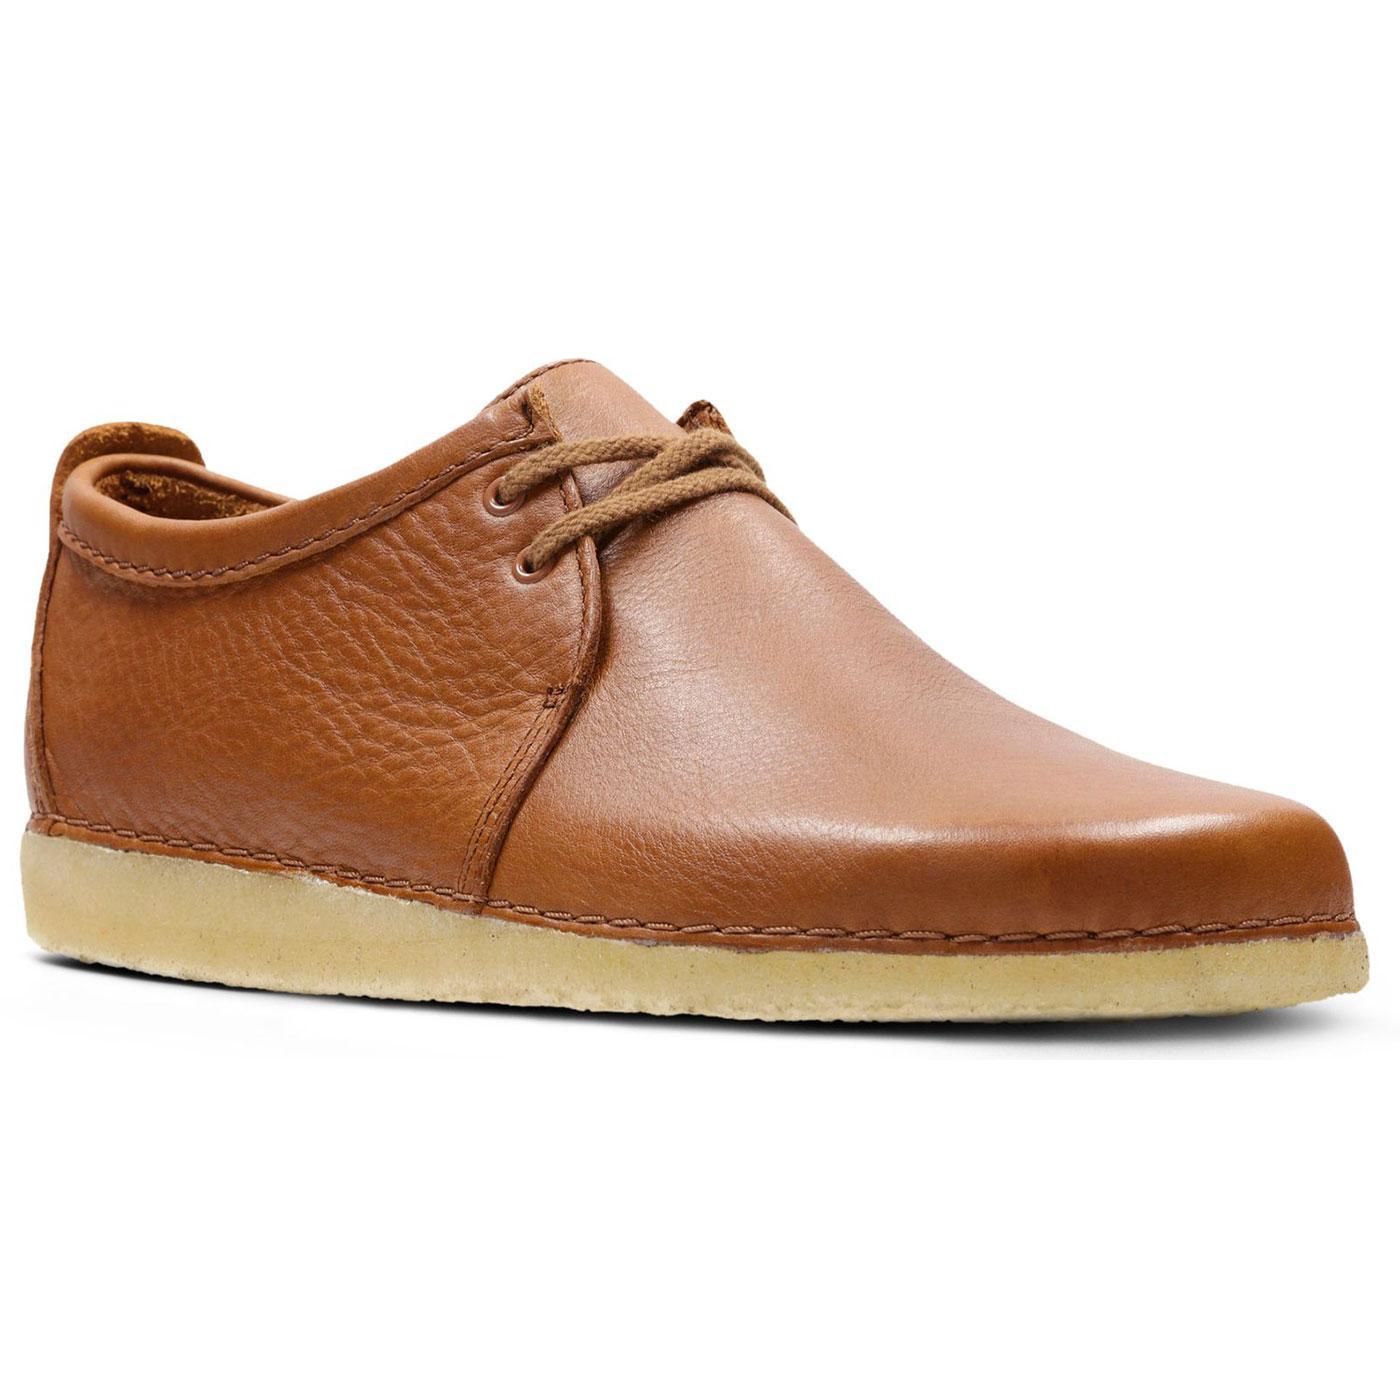 Ashton CLARKS ORIGINALS Men's Leather Shoes COLA